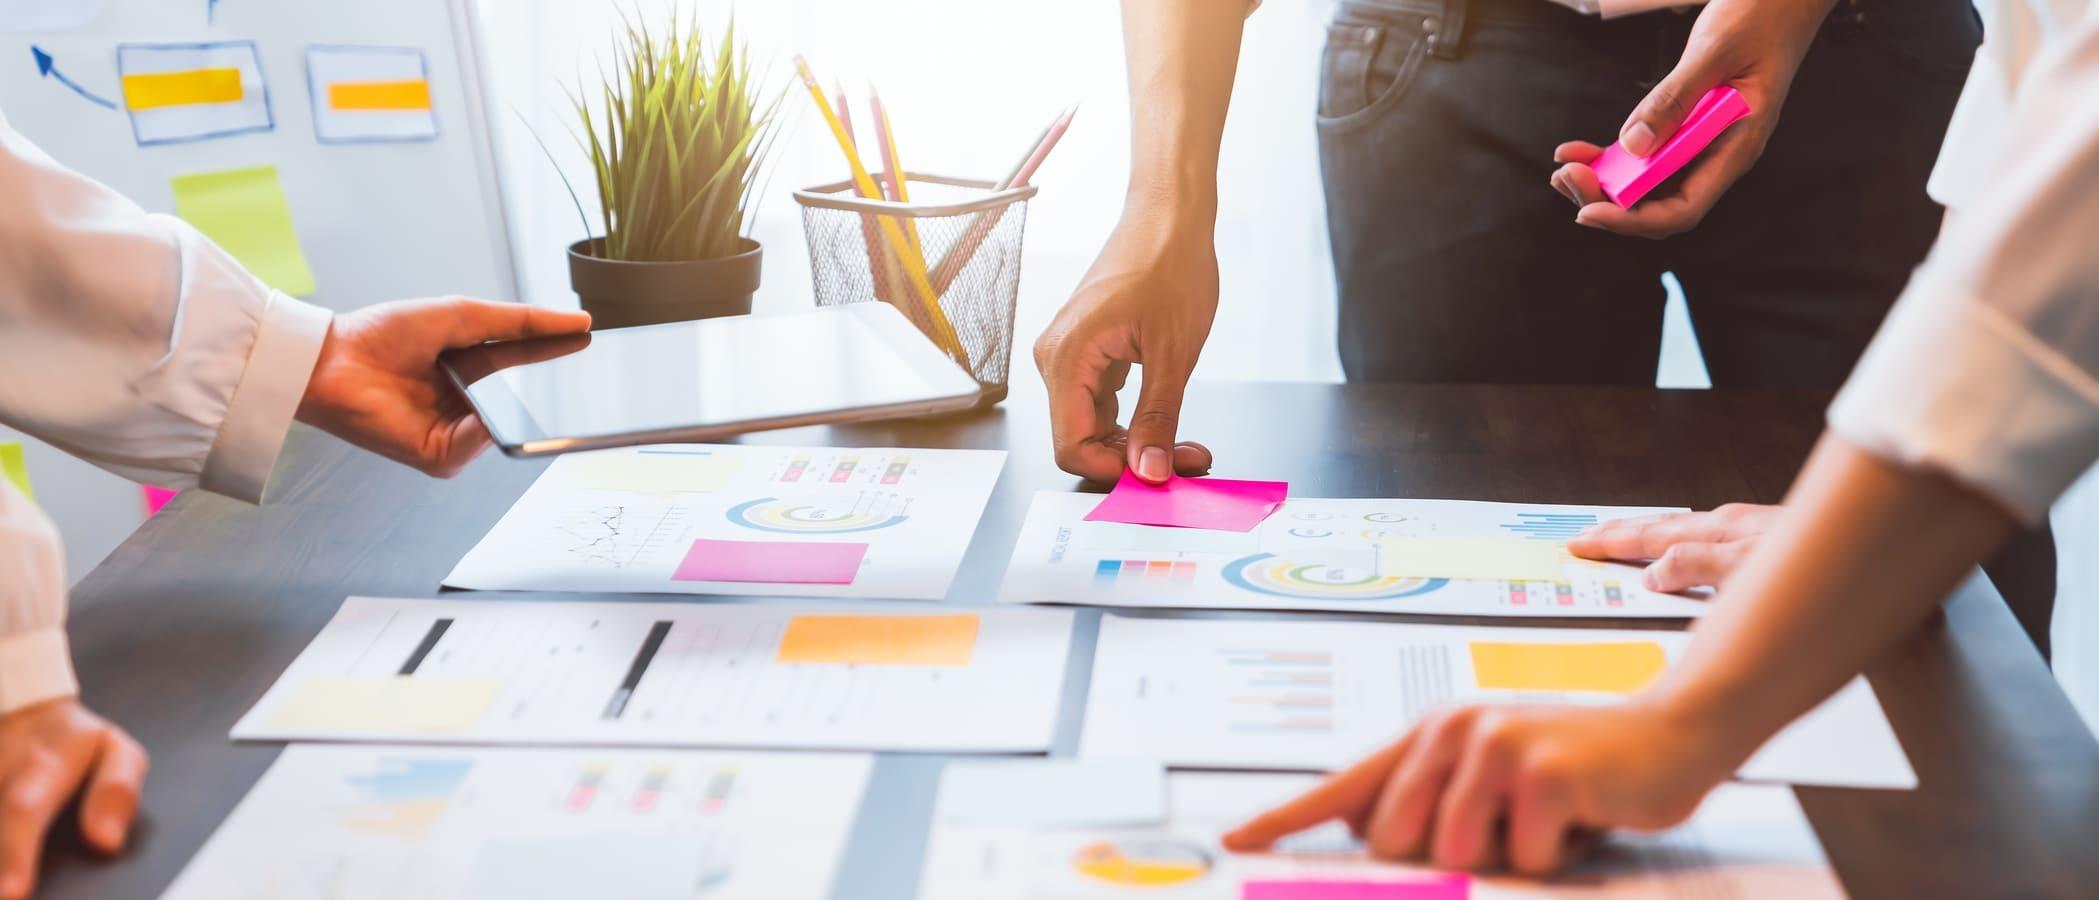 Perfil profesional y funciones de un jefe de proyectos